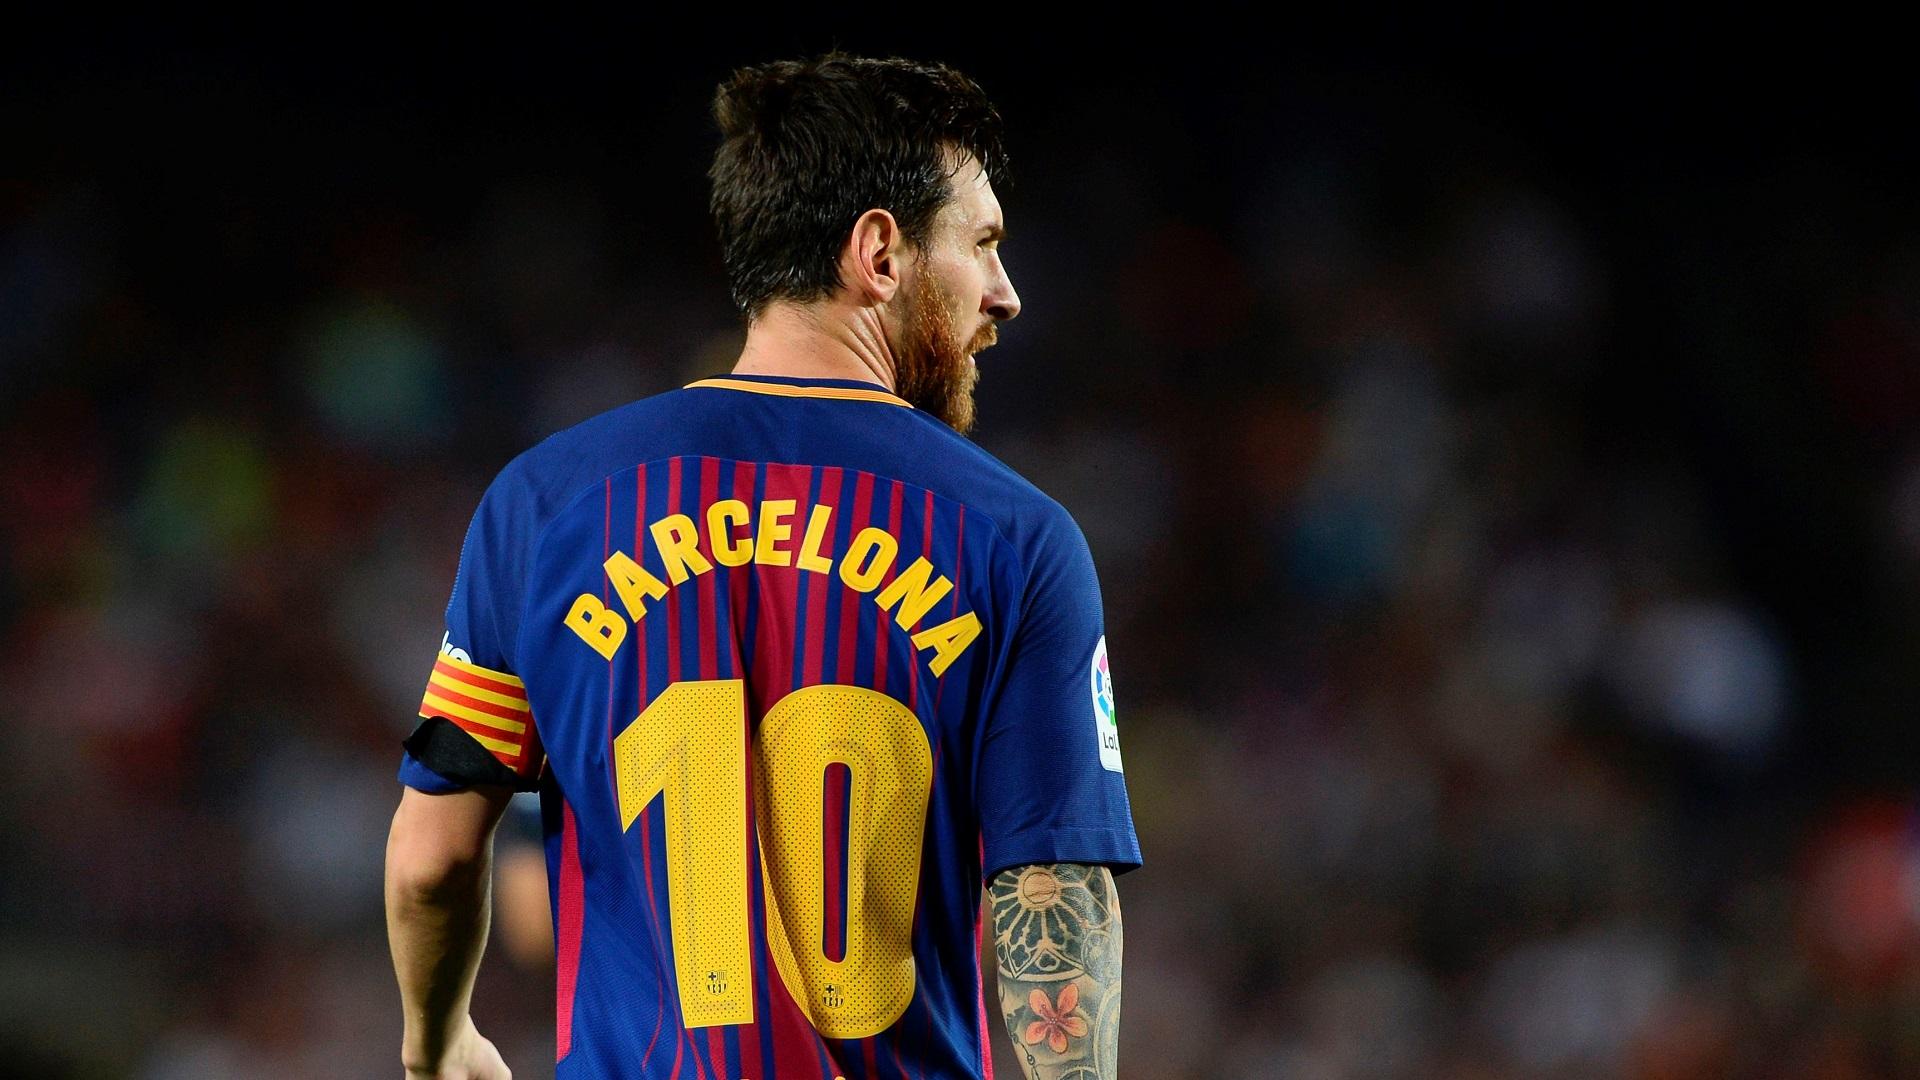 Guardiola Messinin serbest kalma bedelini biri 1920x1080